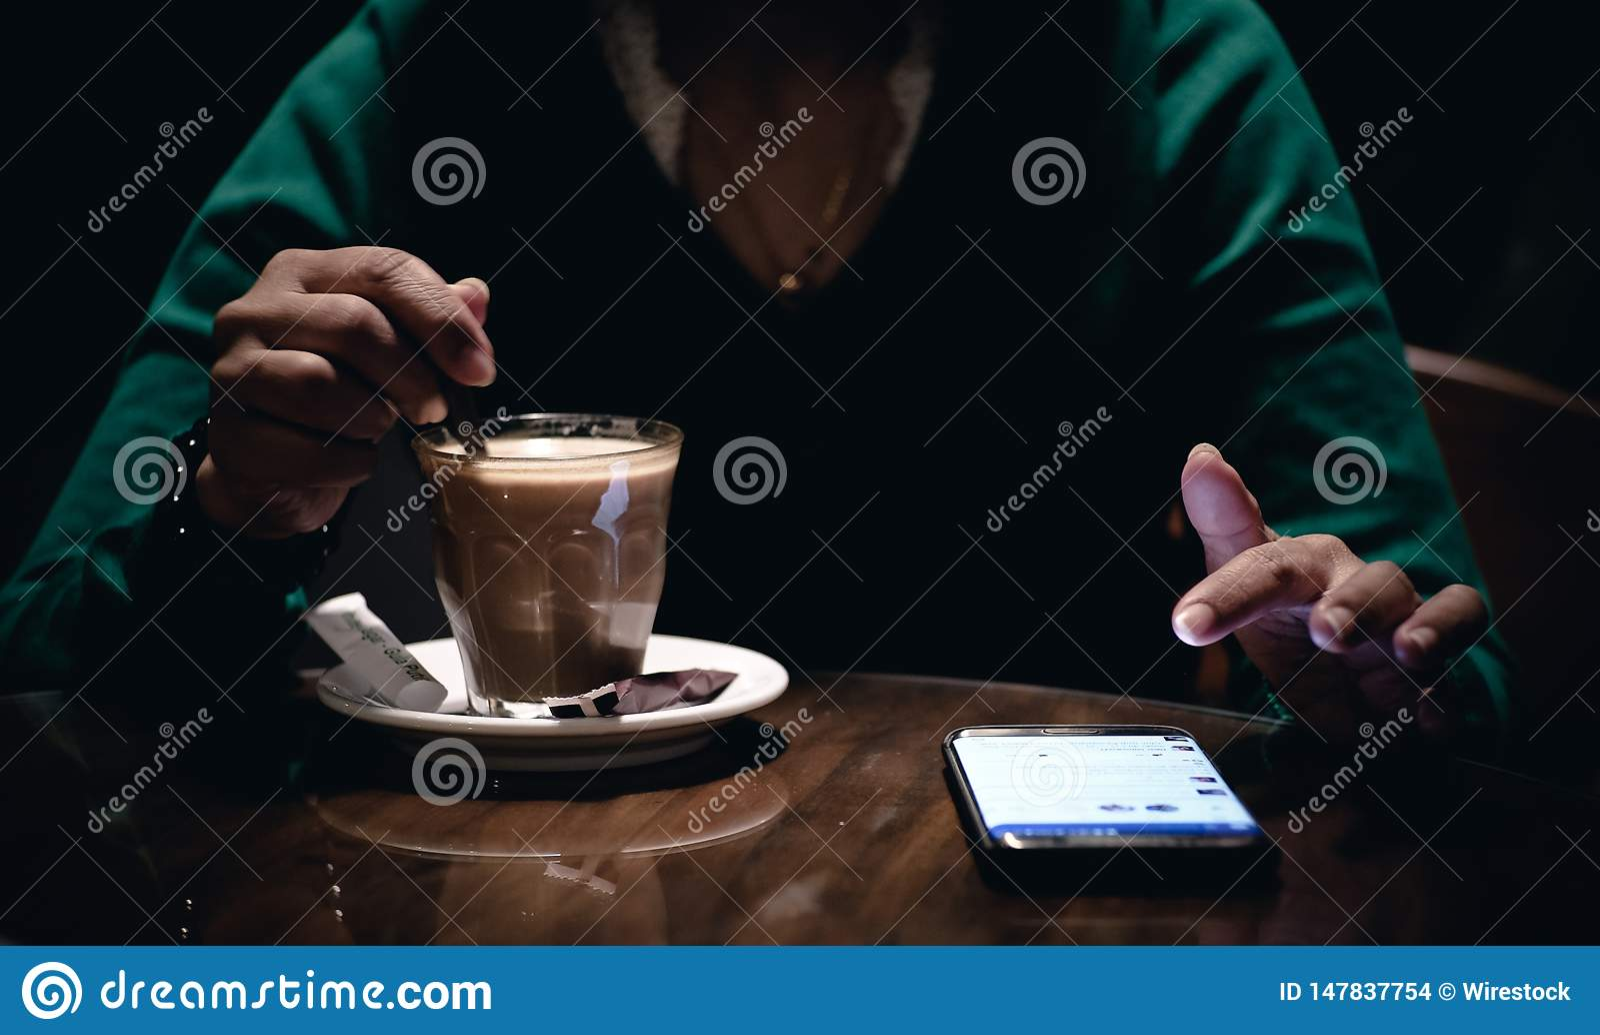 Una femmina adulta facendo uso del suoi telefono e caffè bevente in una stanza scura